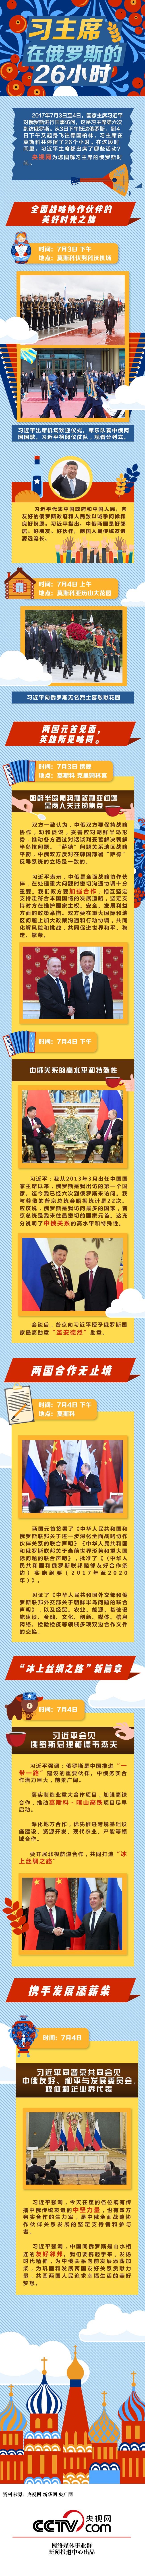 【一图解读】习主席在俄罗斯的26小时